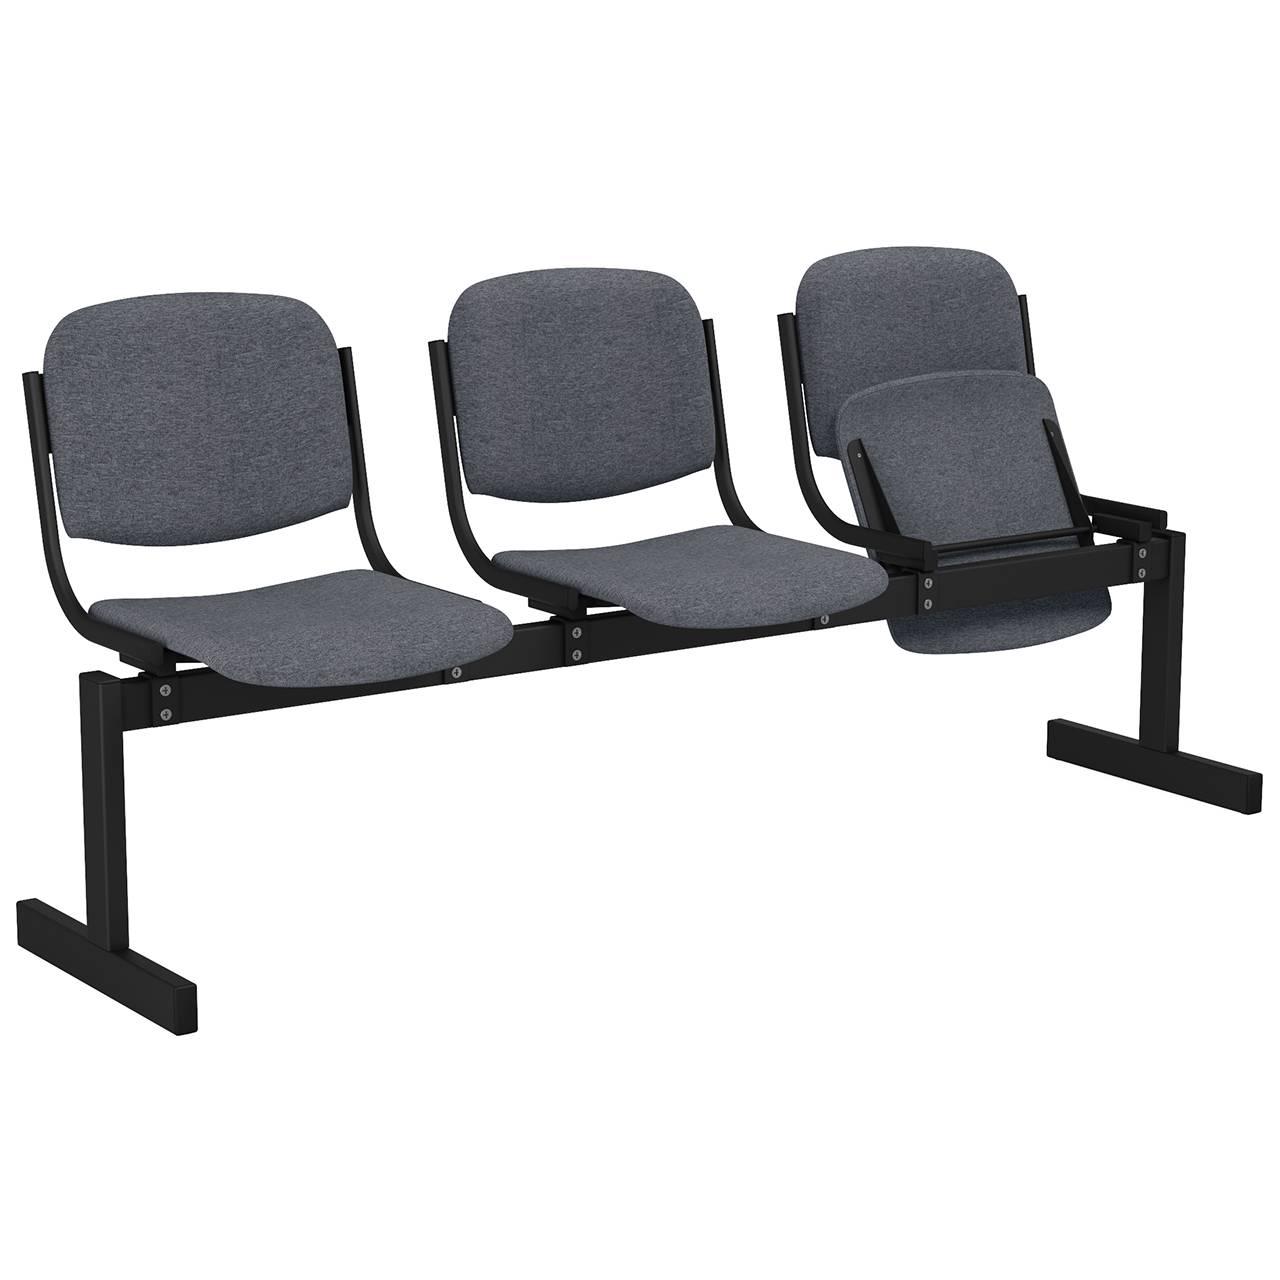 3-местный, откидывающиеся сиденья, мягкий черный серый Офисная ткань